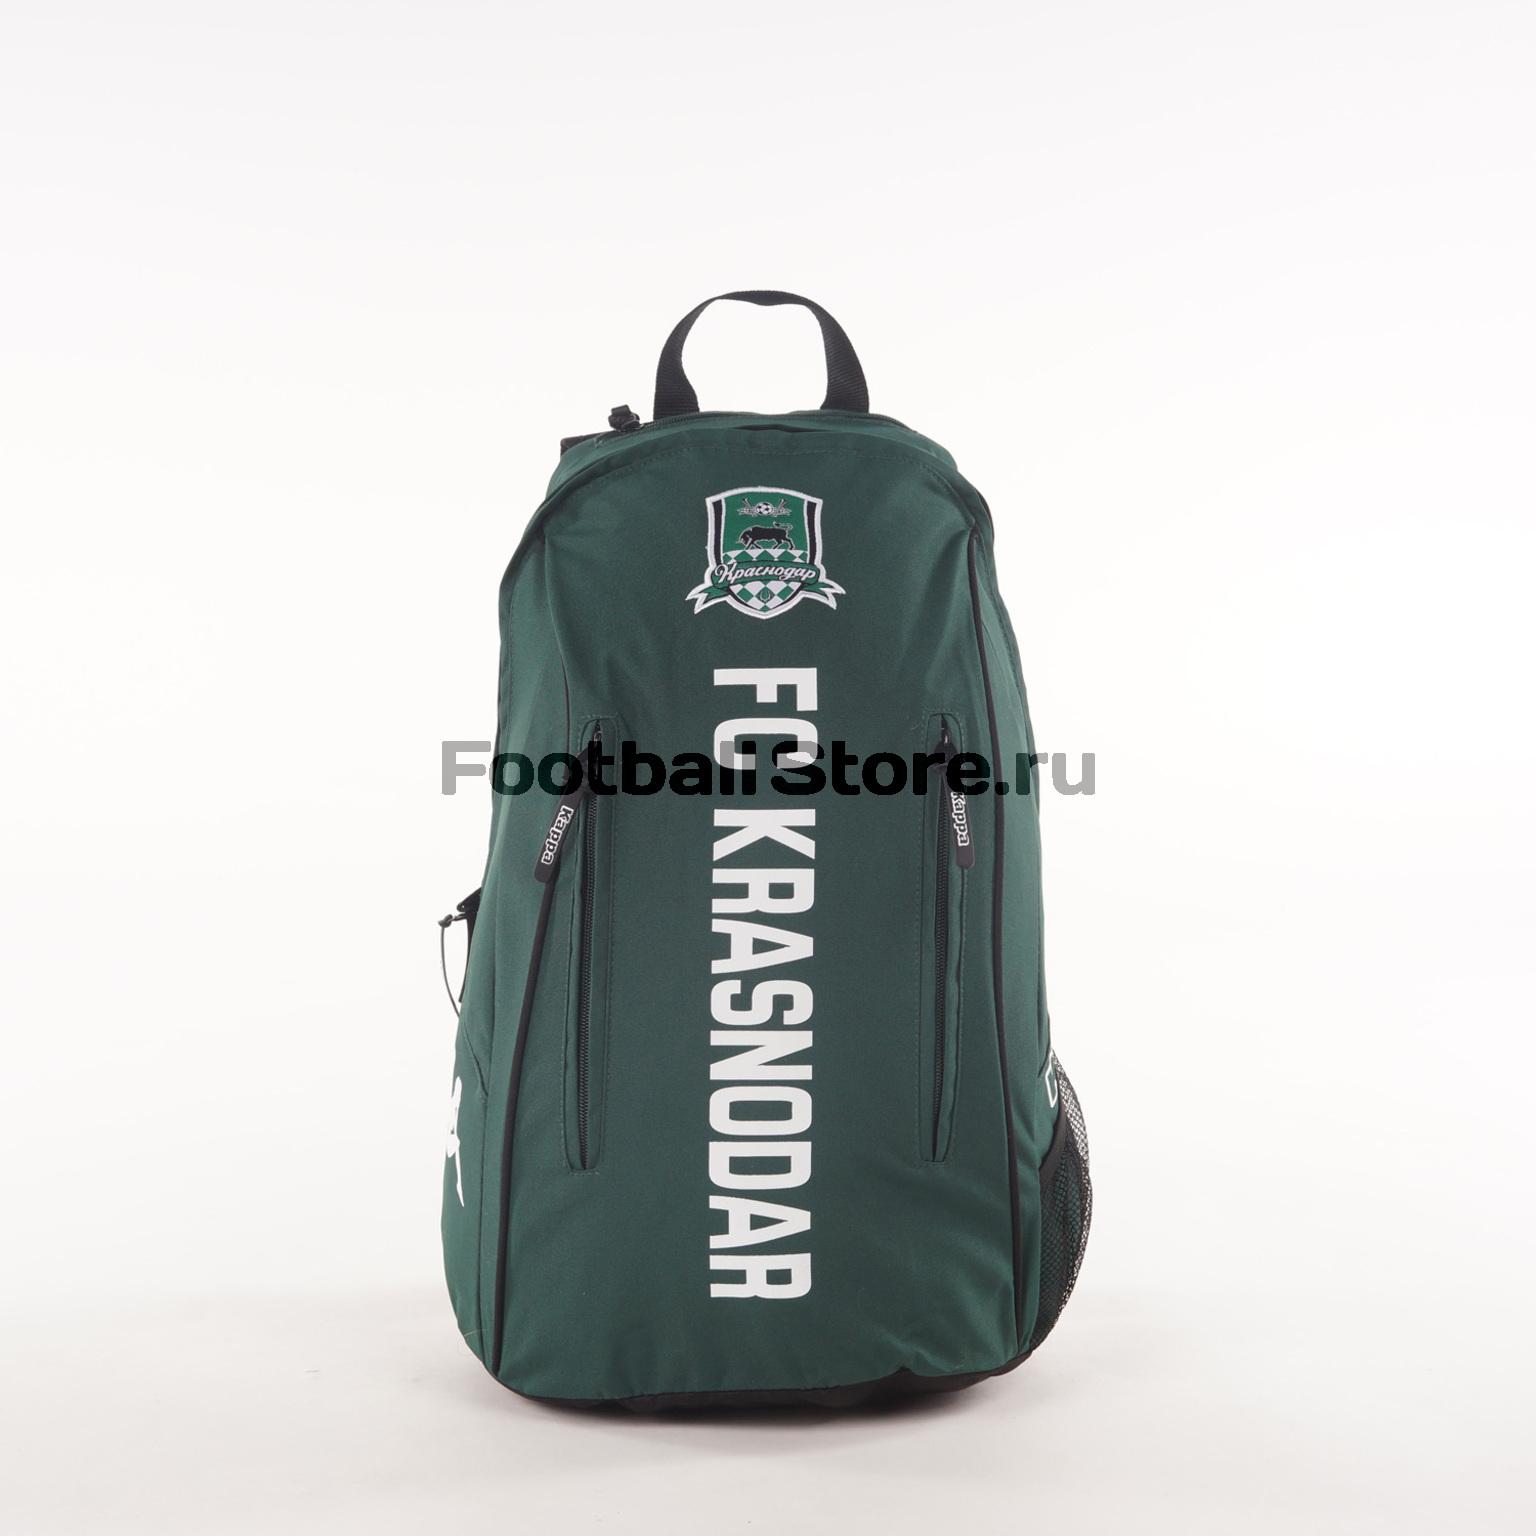 Где купить рюкзак в краснодаре рюкзаки значки панк